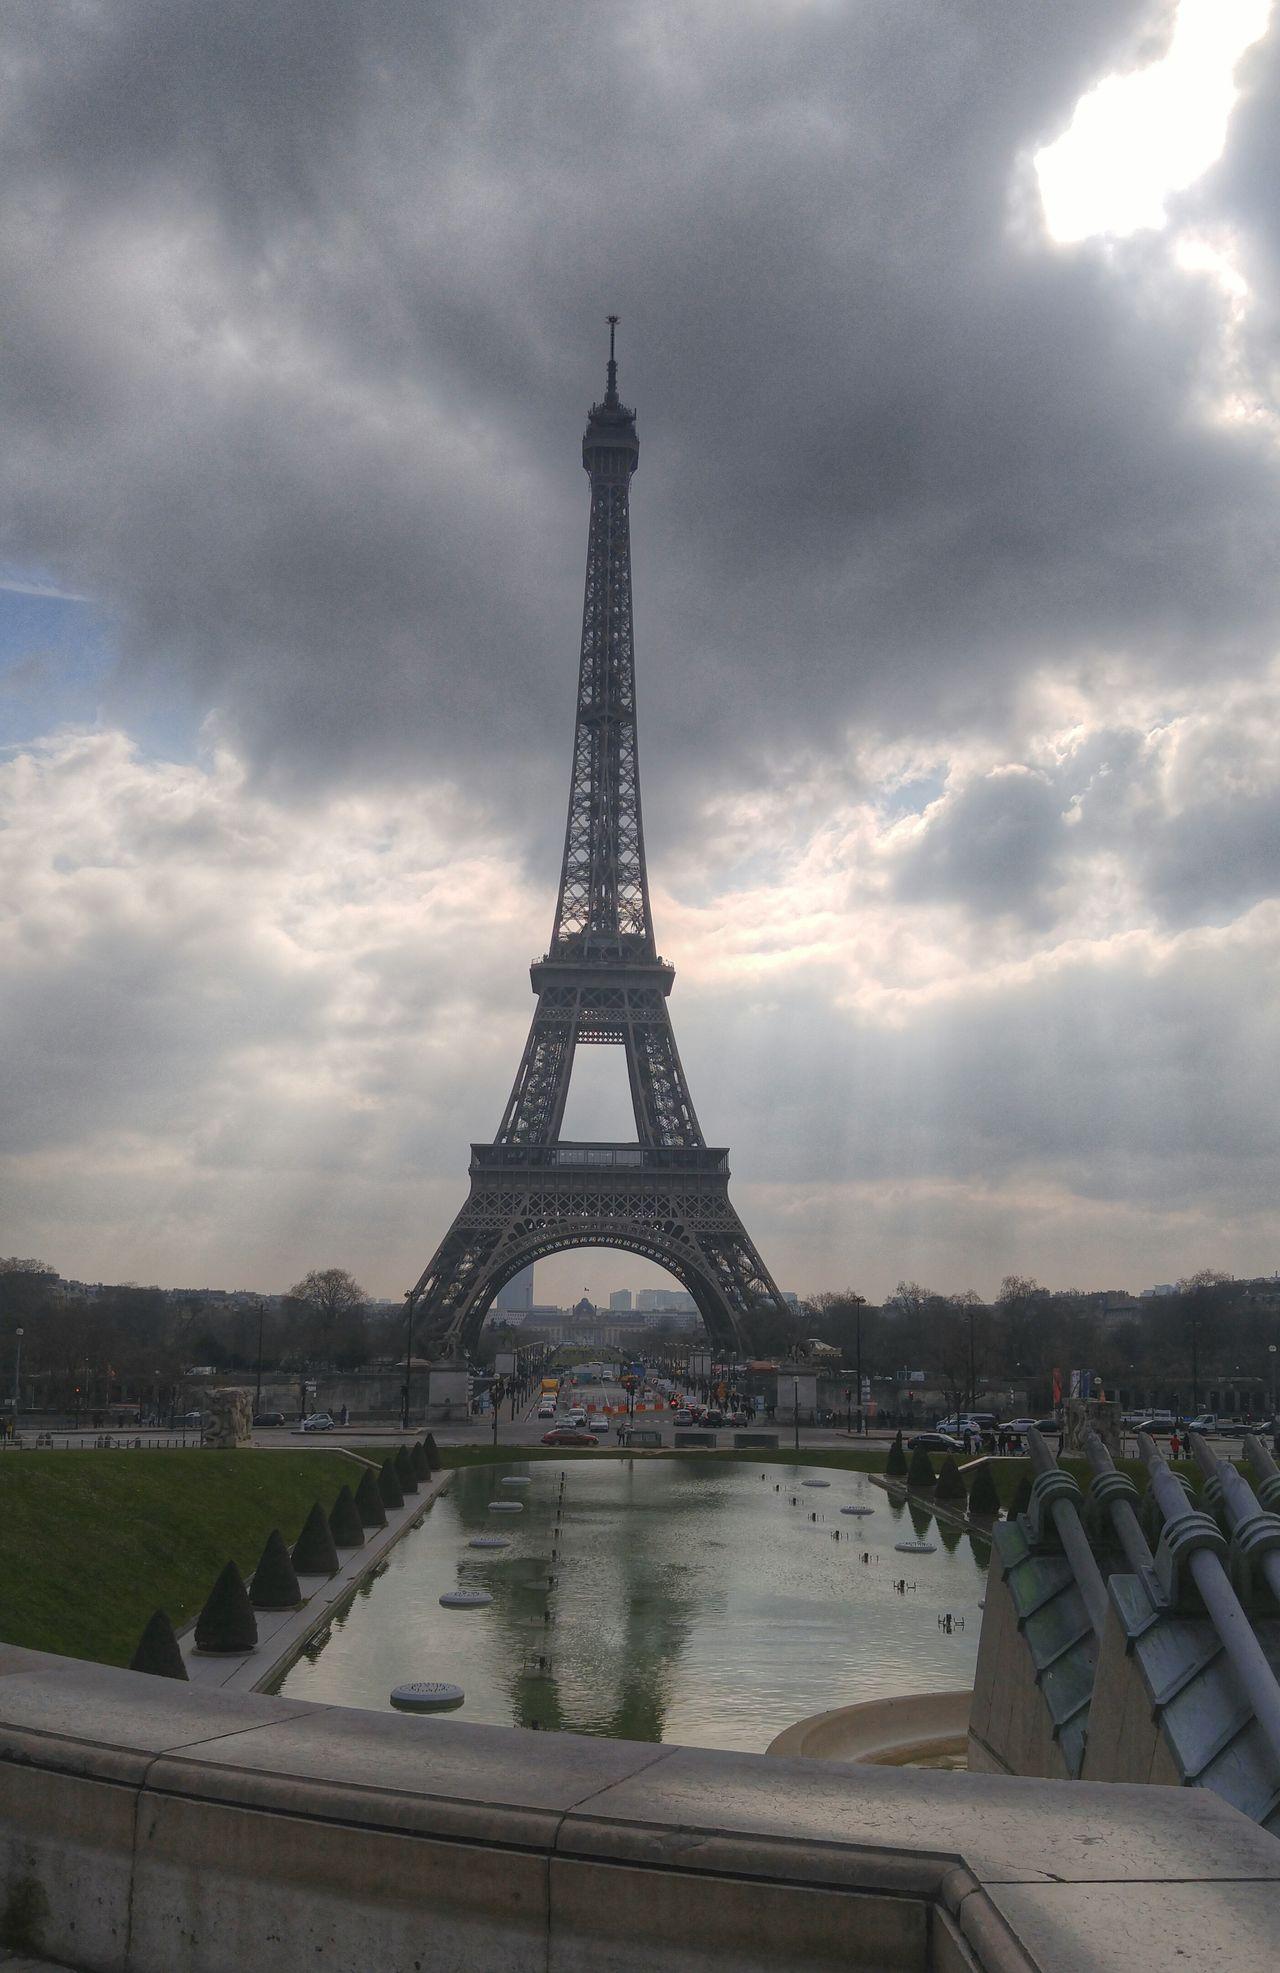 Je suis Paris, Bruxelles, je suis le monde entier Eiffel_tower  Eiffeltower Eiffel_tower  Eiffel Eiffel Tower♥ Tour Eiffel Tour Eiffel, Paris. Tour Eiffel ♥ Je Suis Charlie Je Suis Paris Je Suis Bruxelles Je Suis France/Paris Je Suis Trocadero Trocadeiro Esplanade Esplanada Here Belongs To Me